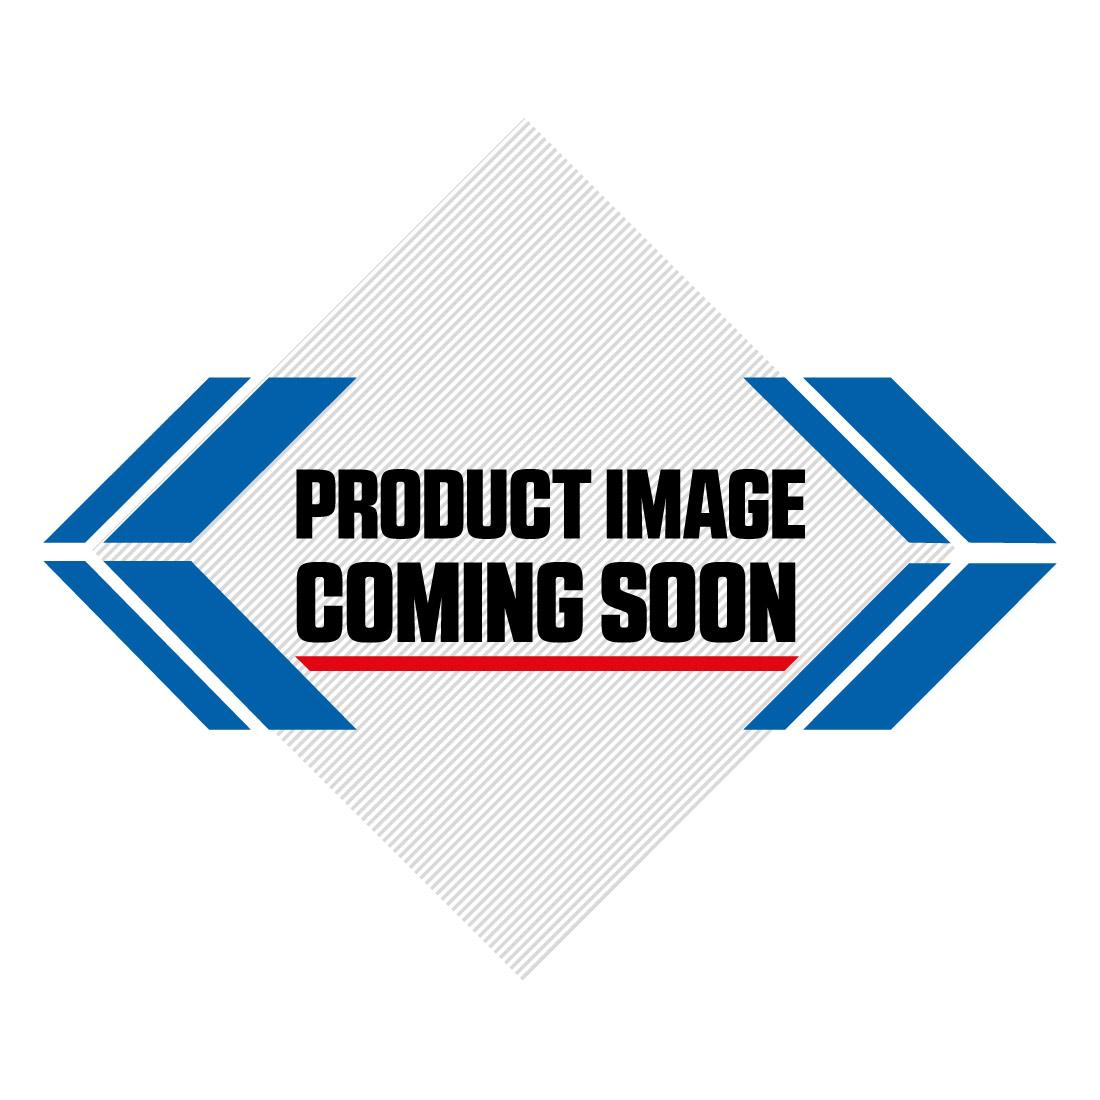 UFO KTM Plastic Kit SX 125 150 250 SXF 250 350 450 (16-18) White